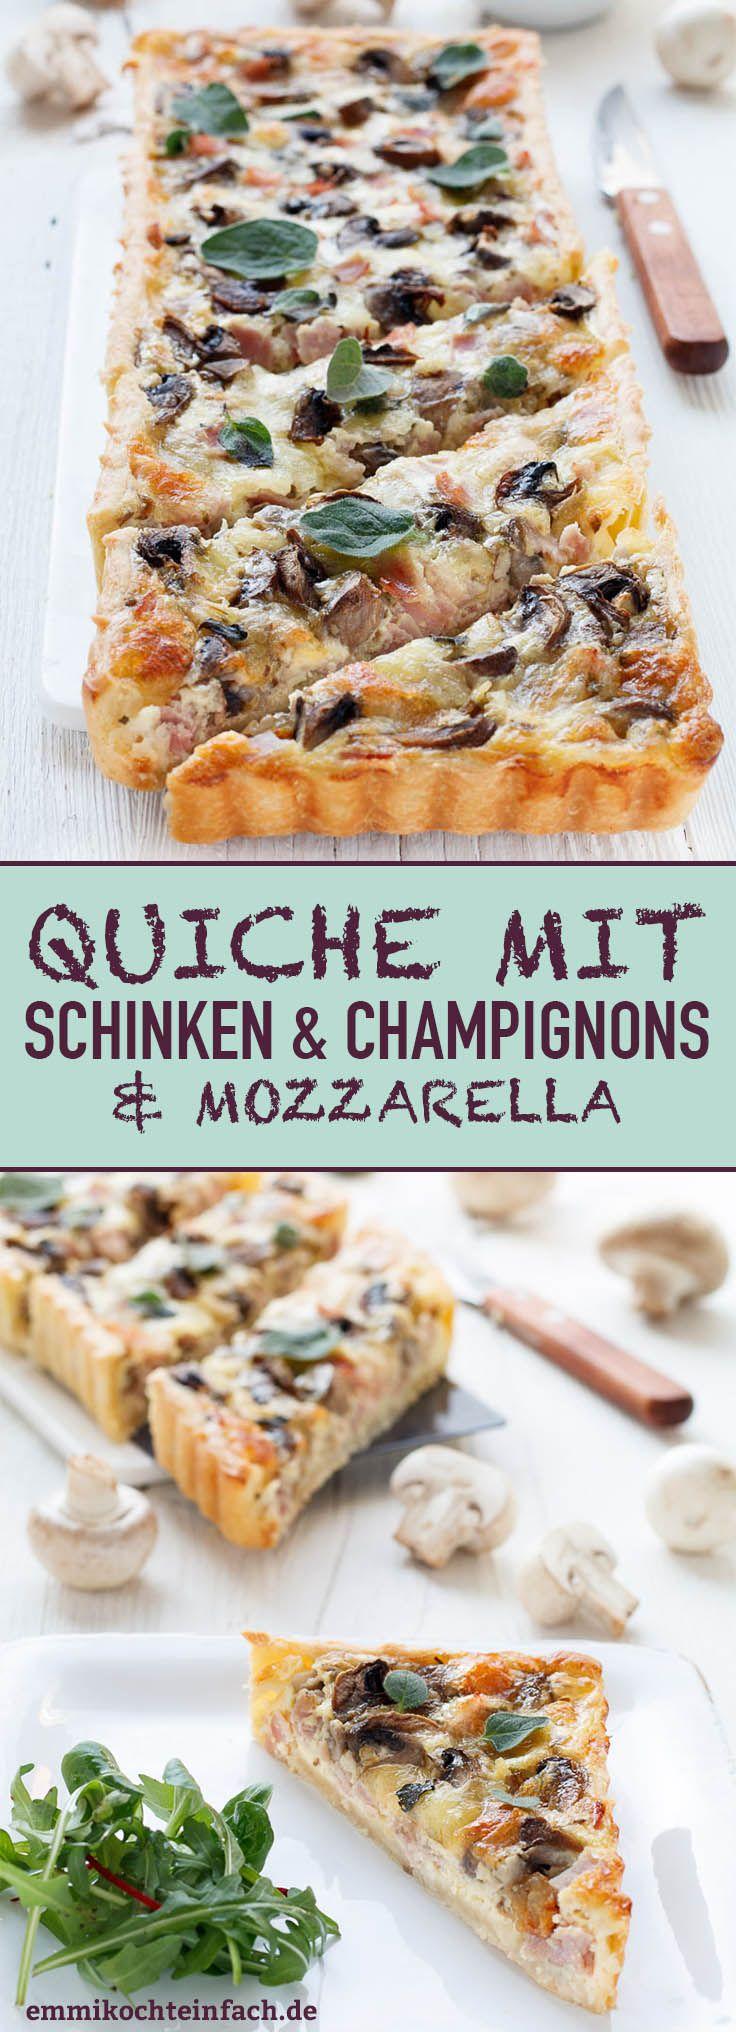 Quiche mit Schinken, Champignons und Mozzarella